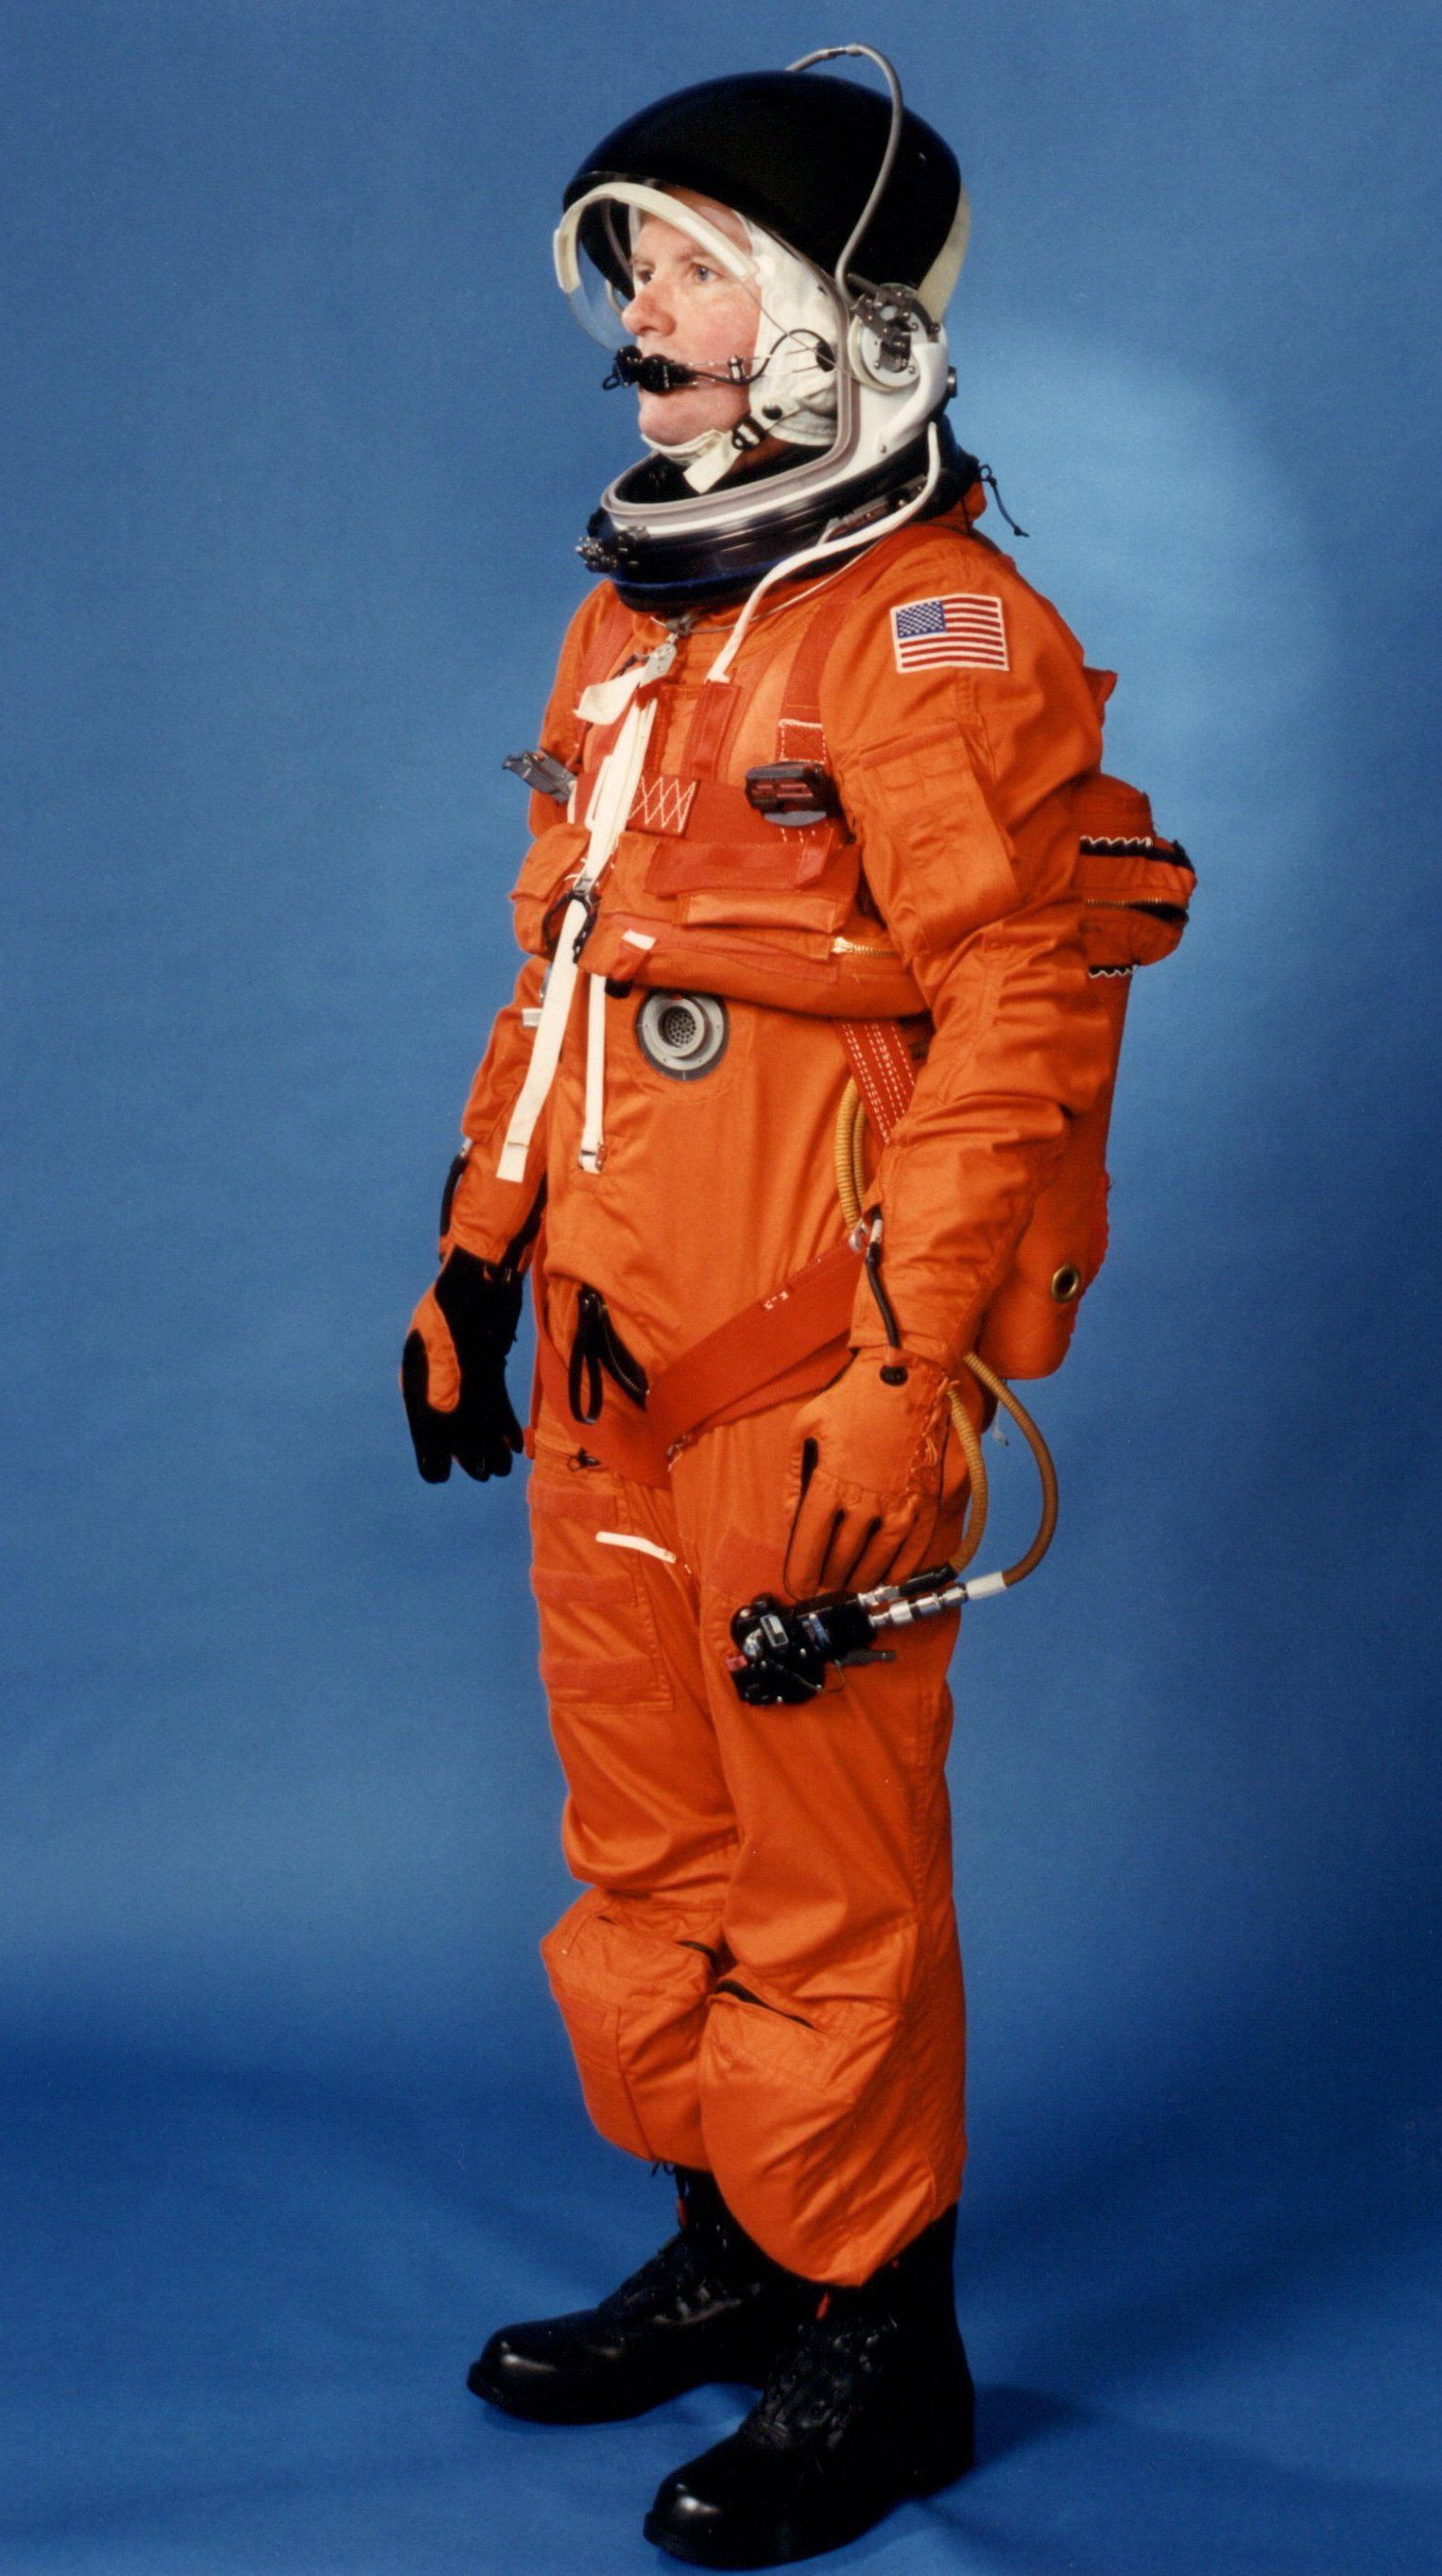 Launch entry suit